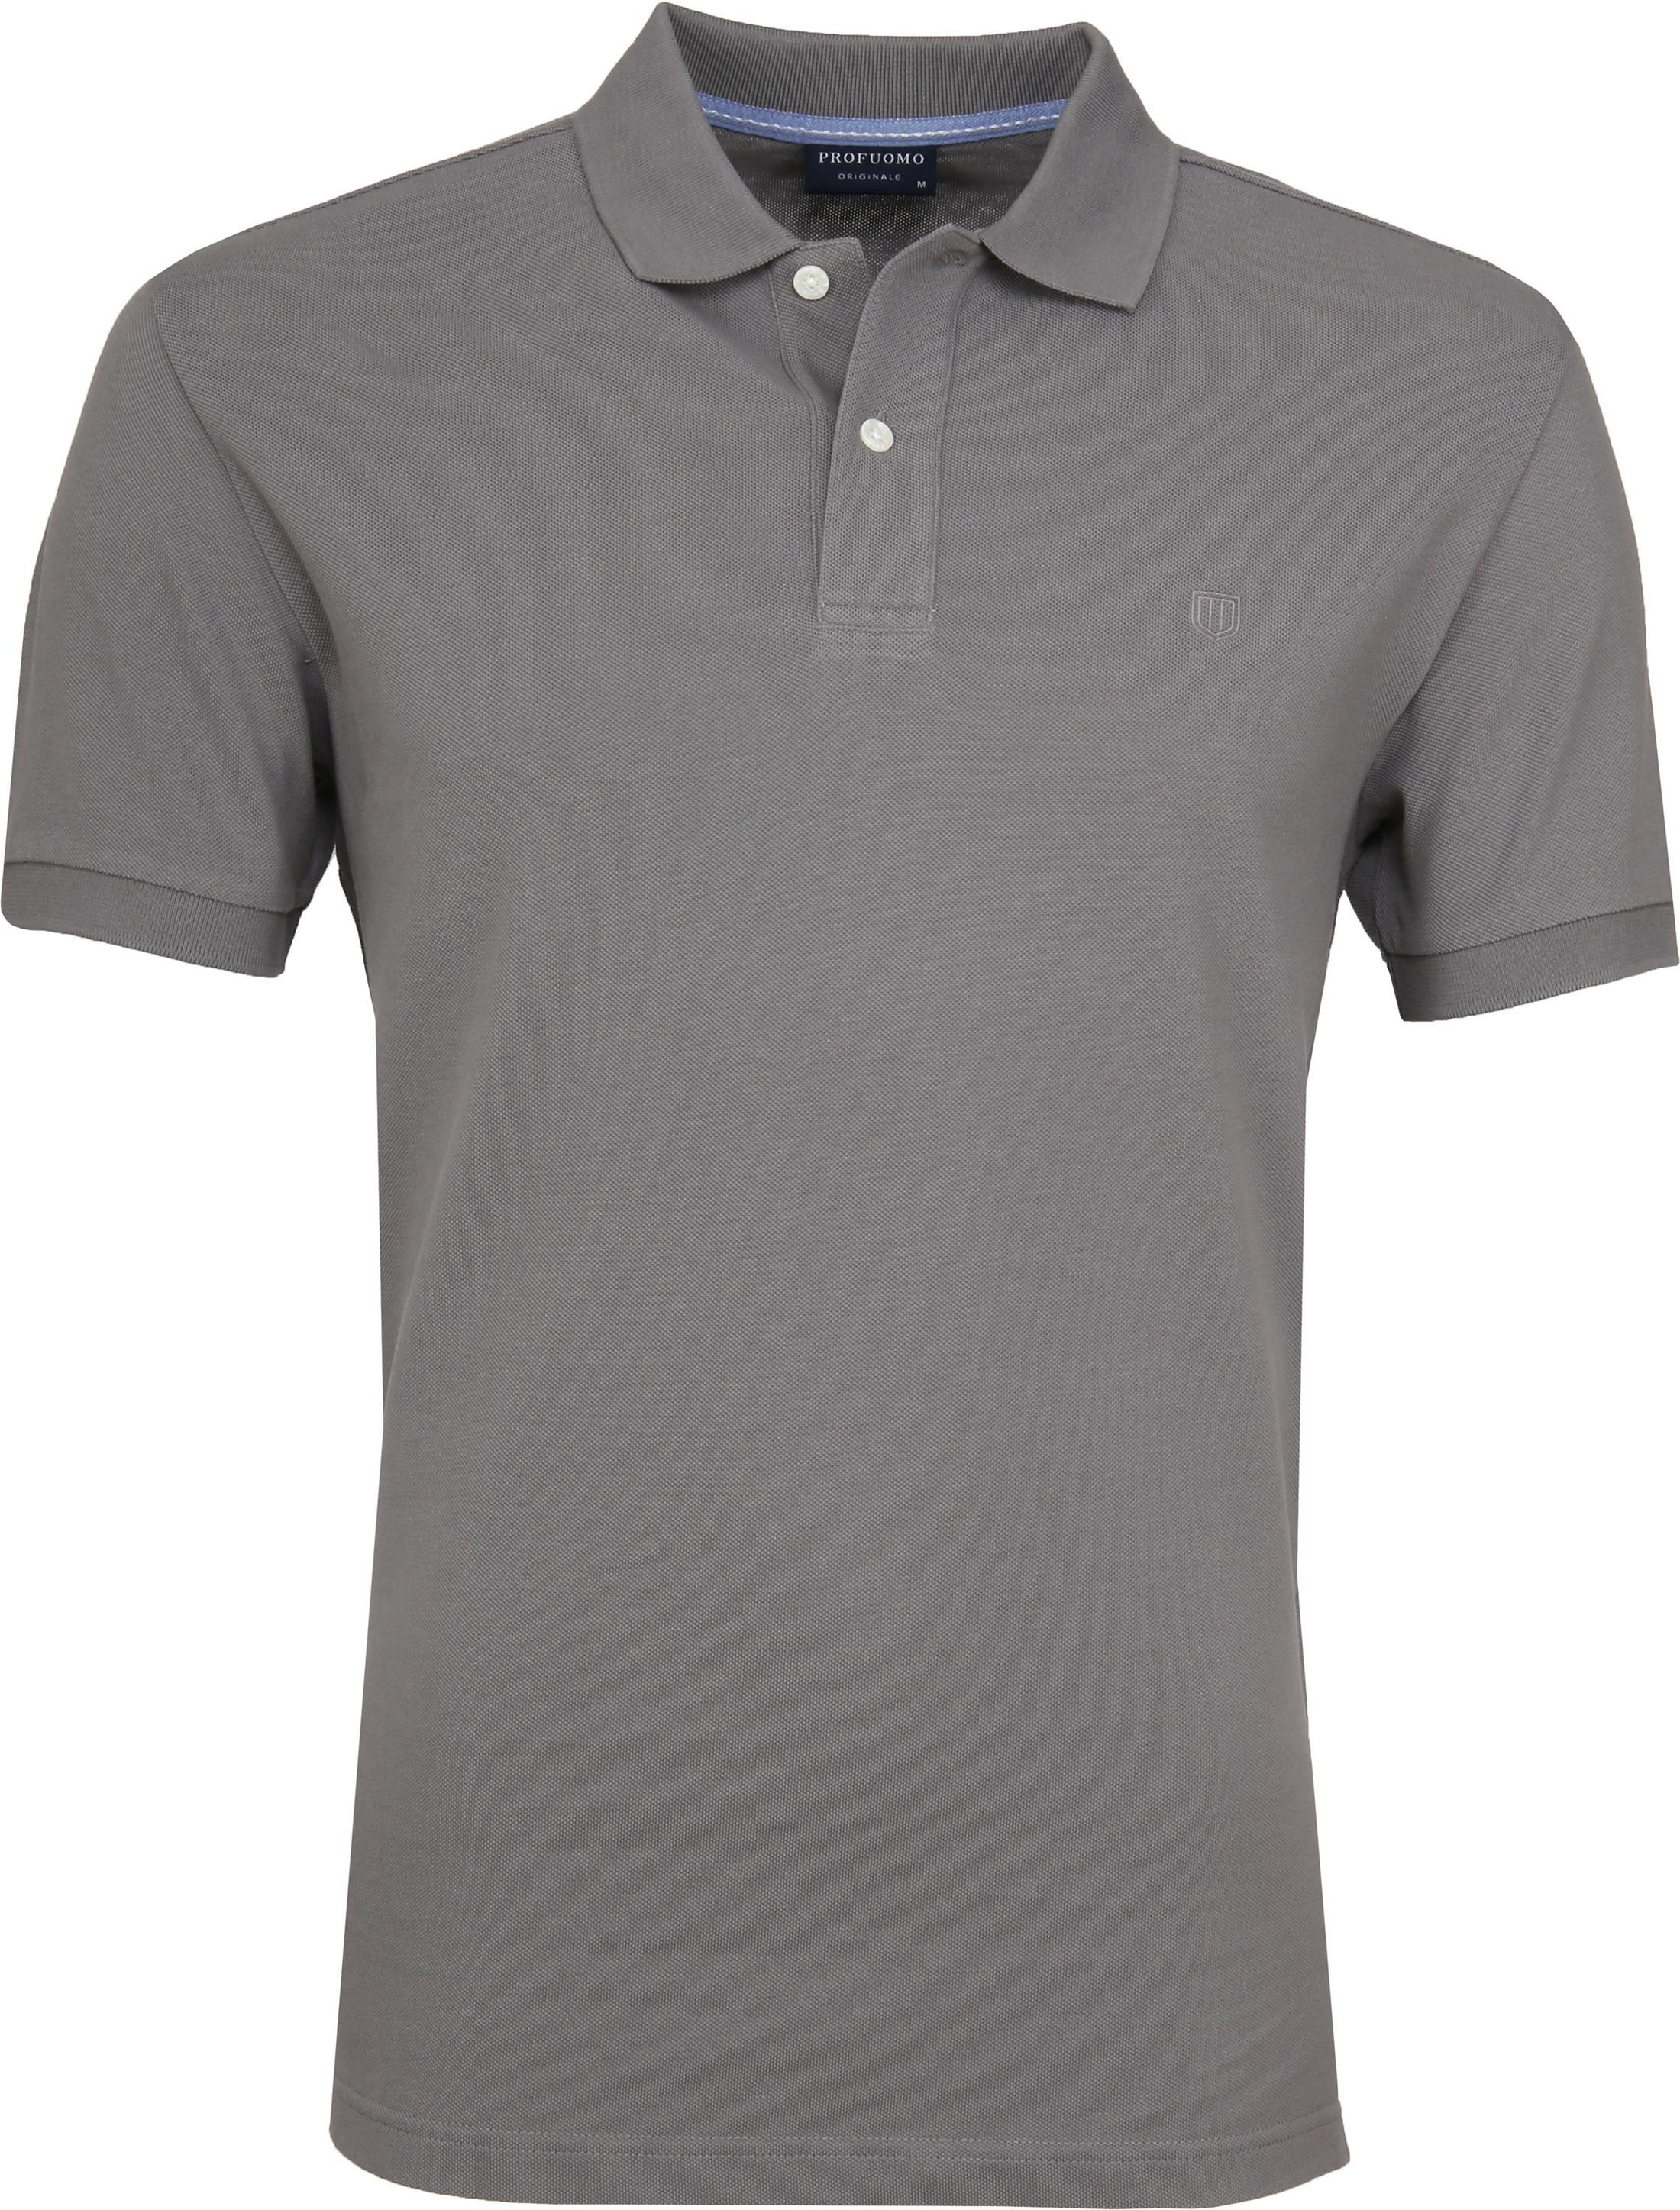 Profuomo Short Sleeve Poloshirt Grau foto 0